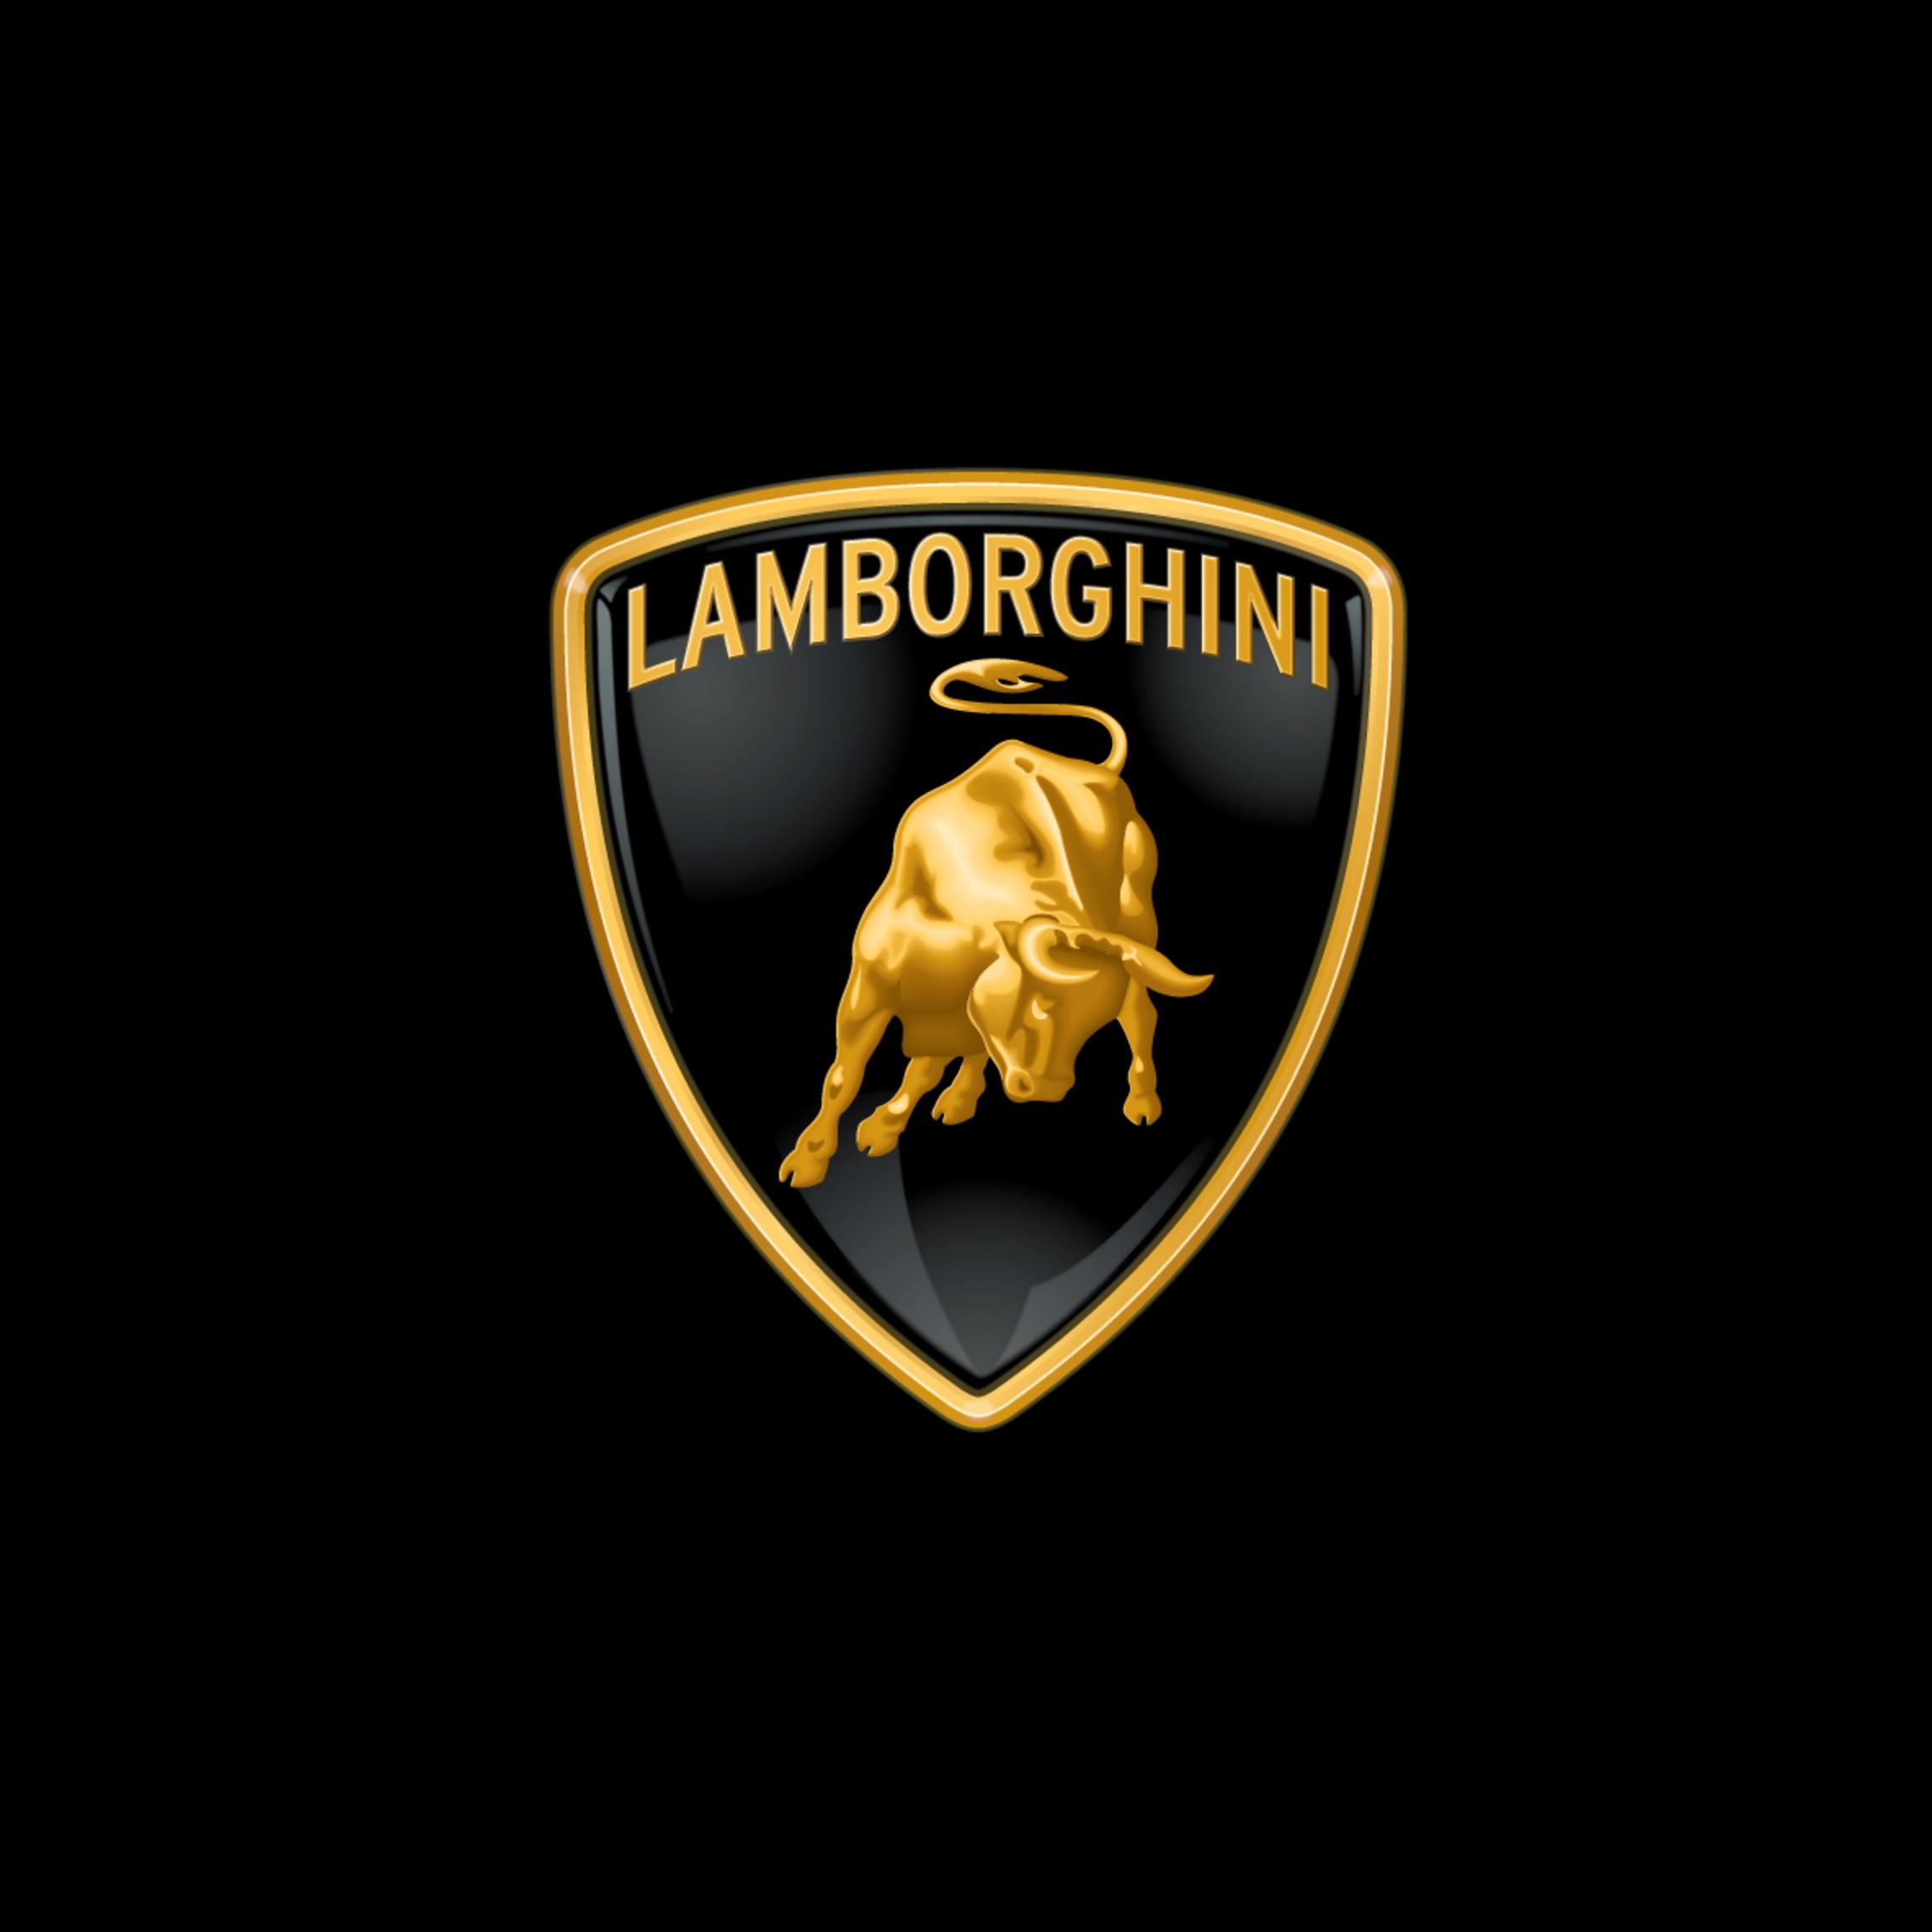 lamborghini hong kong- company logo